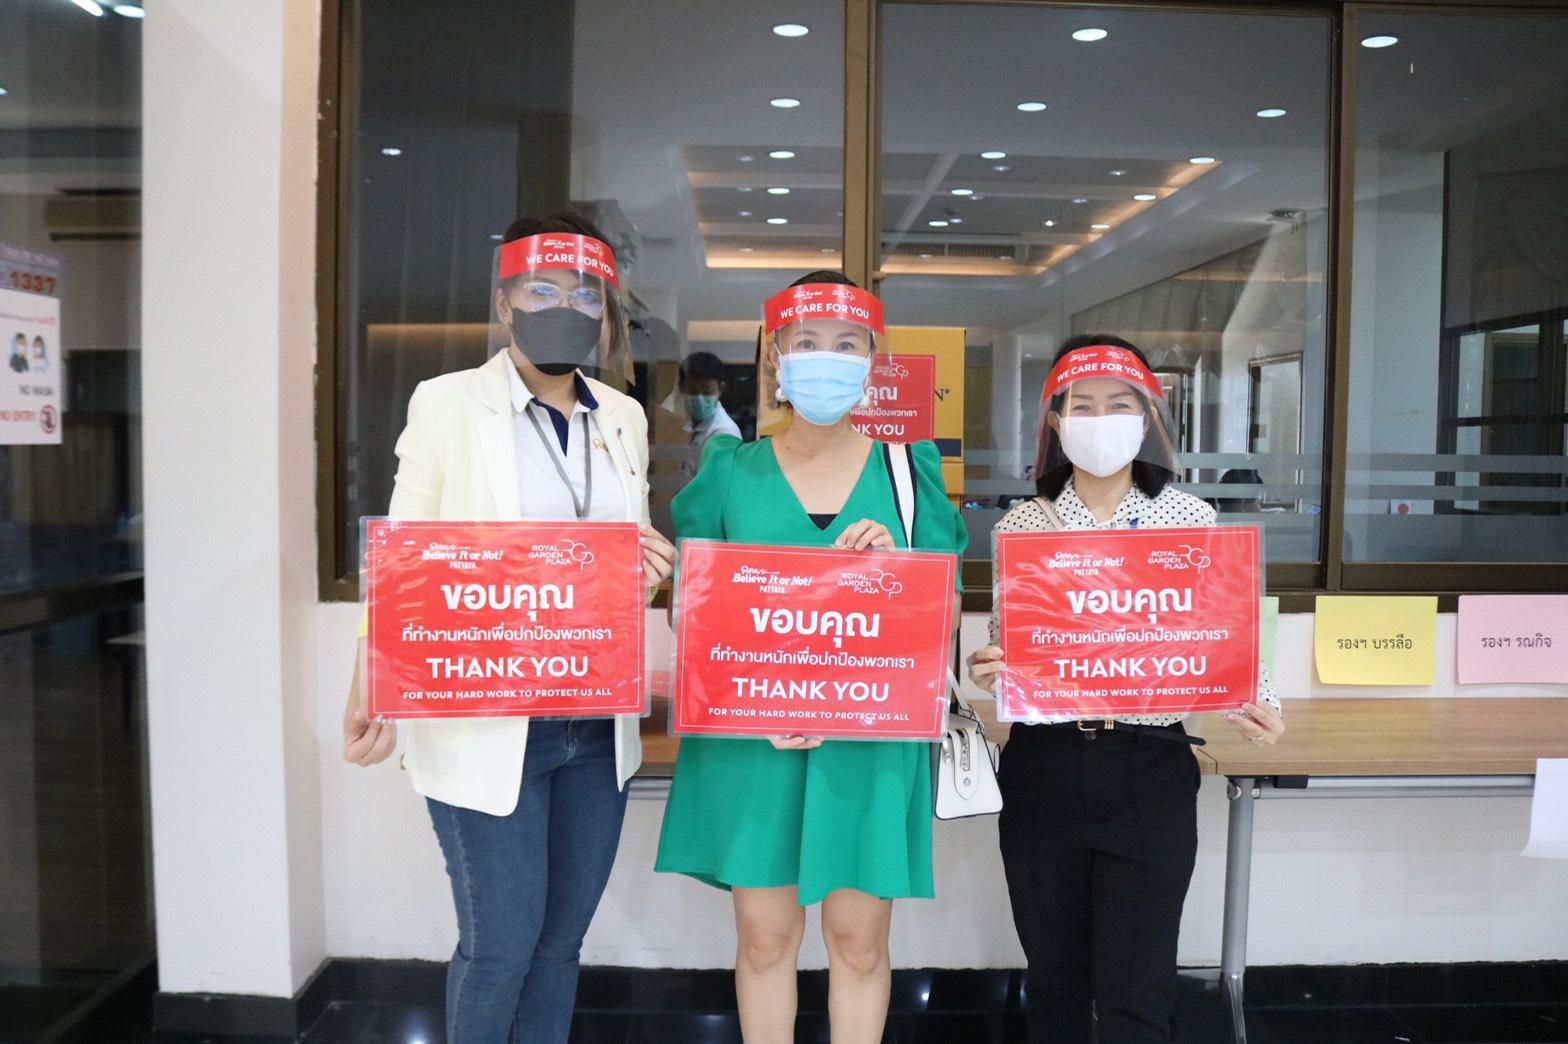 ศูนย์การค้ารอยัล การ์เด้น พลาซ่า และ ริบลีส์ เชื่อหรือไม่! ร่วมใจประกอบหน้ากาก Face Shield ส่งมอบให้กับบุคลากรในพื้นที่พัทยา